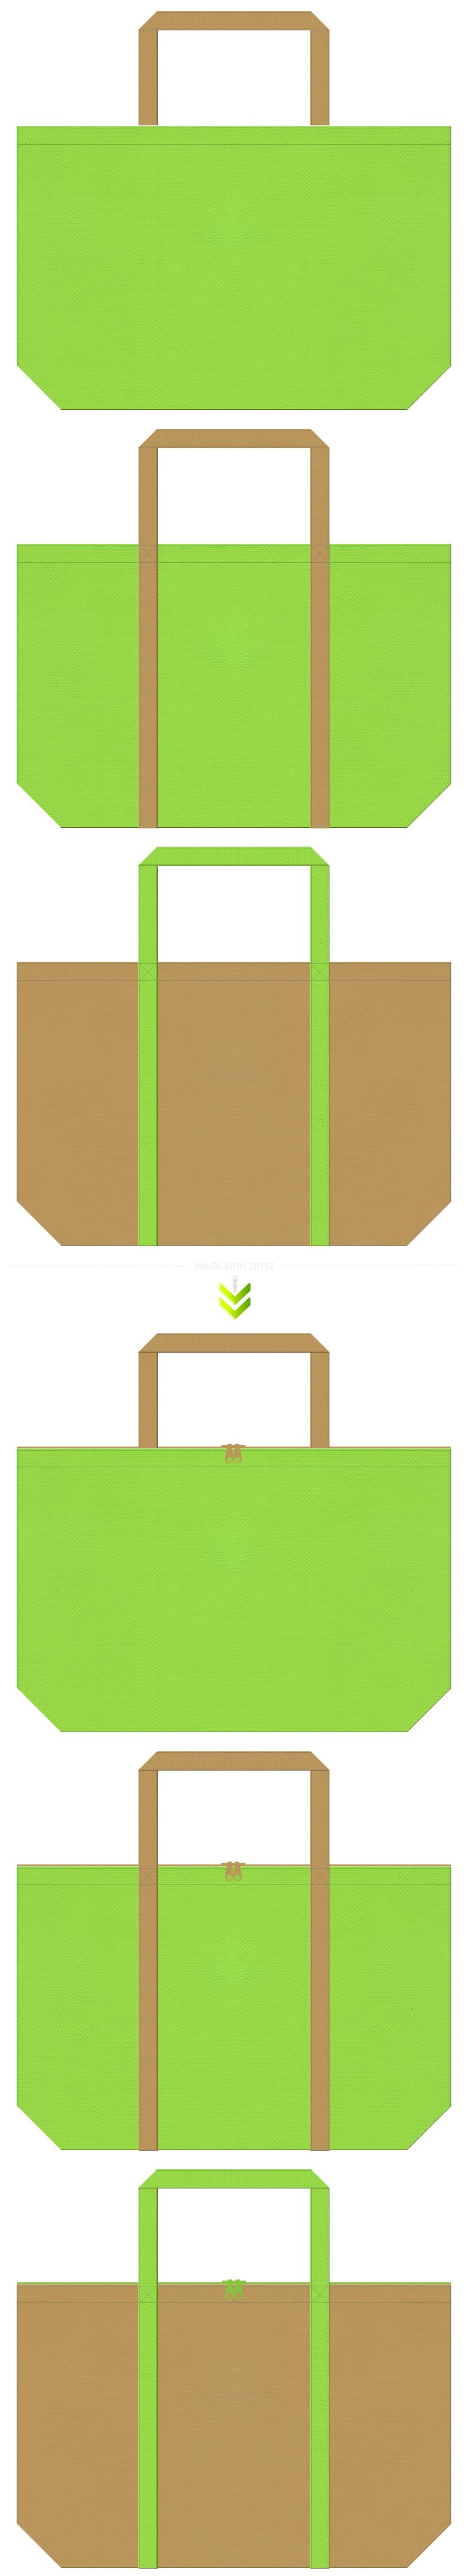 黄緑色と金色系黄土色の不織布エコバッグのデザイン。